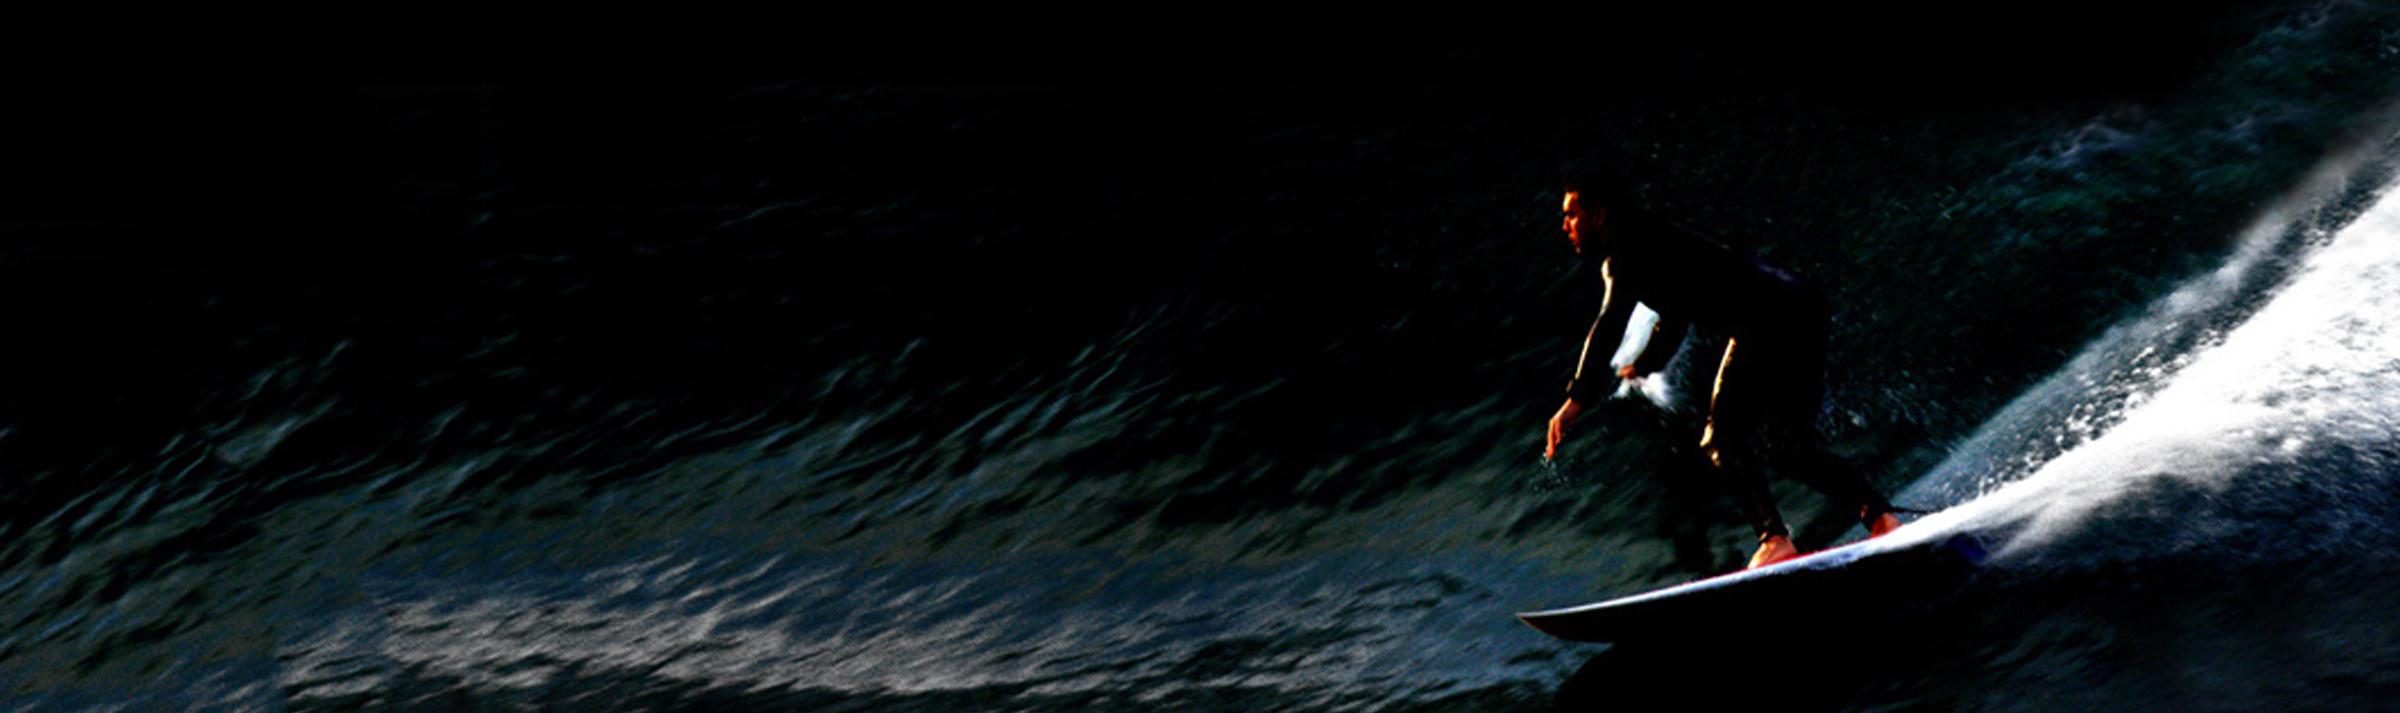 surfin umdloti